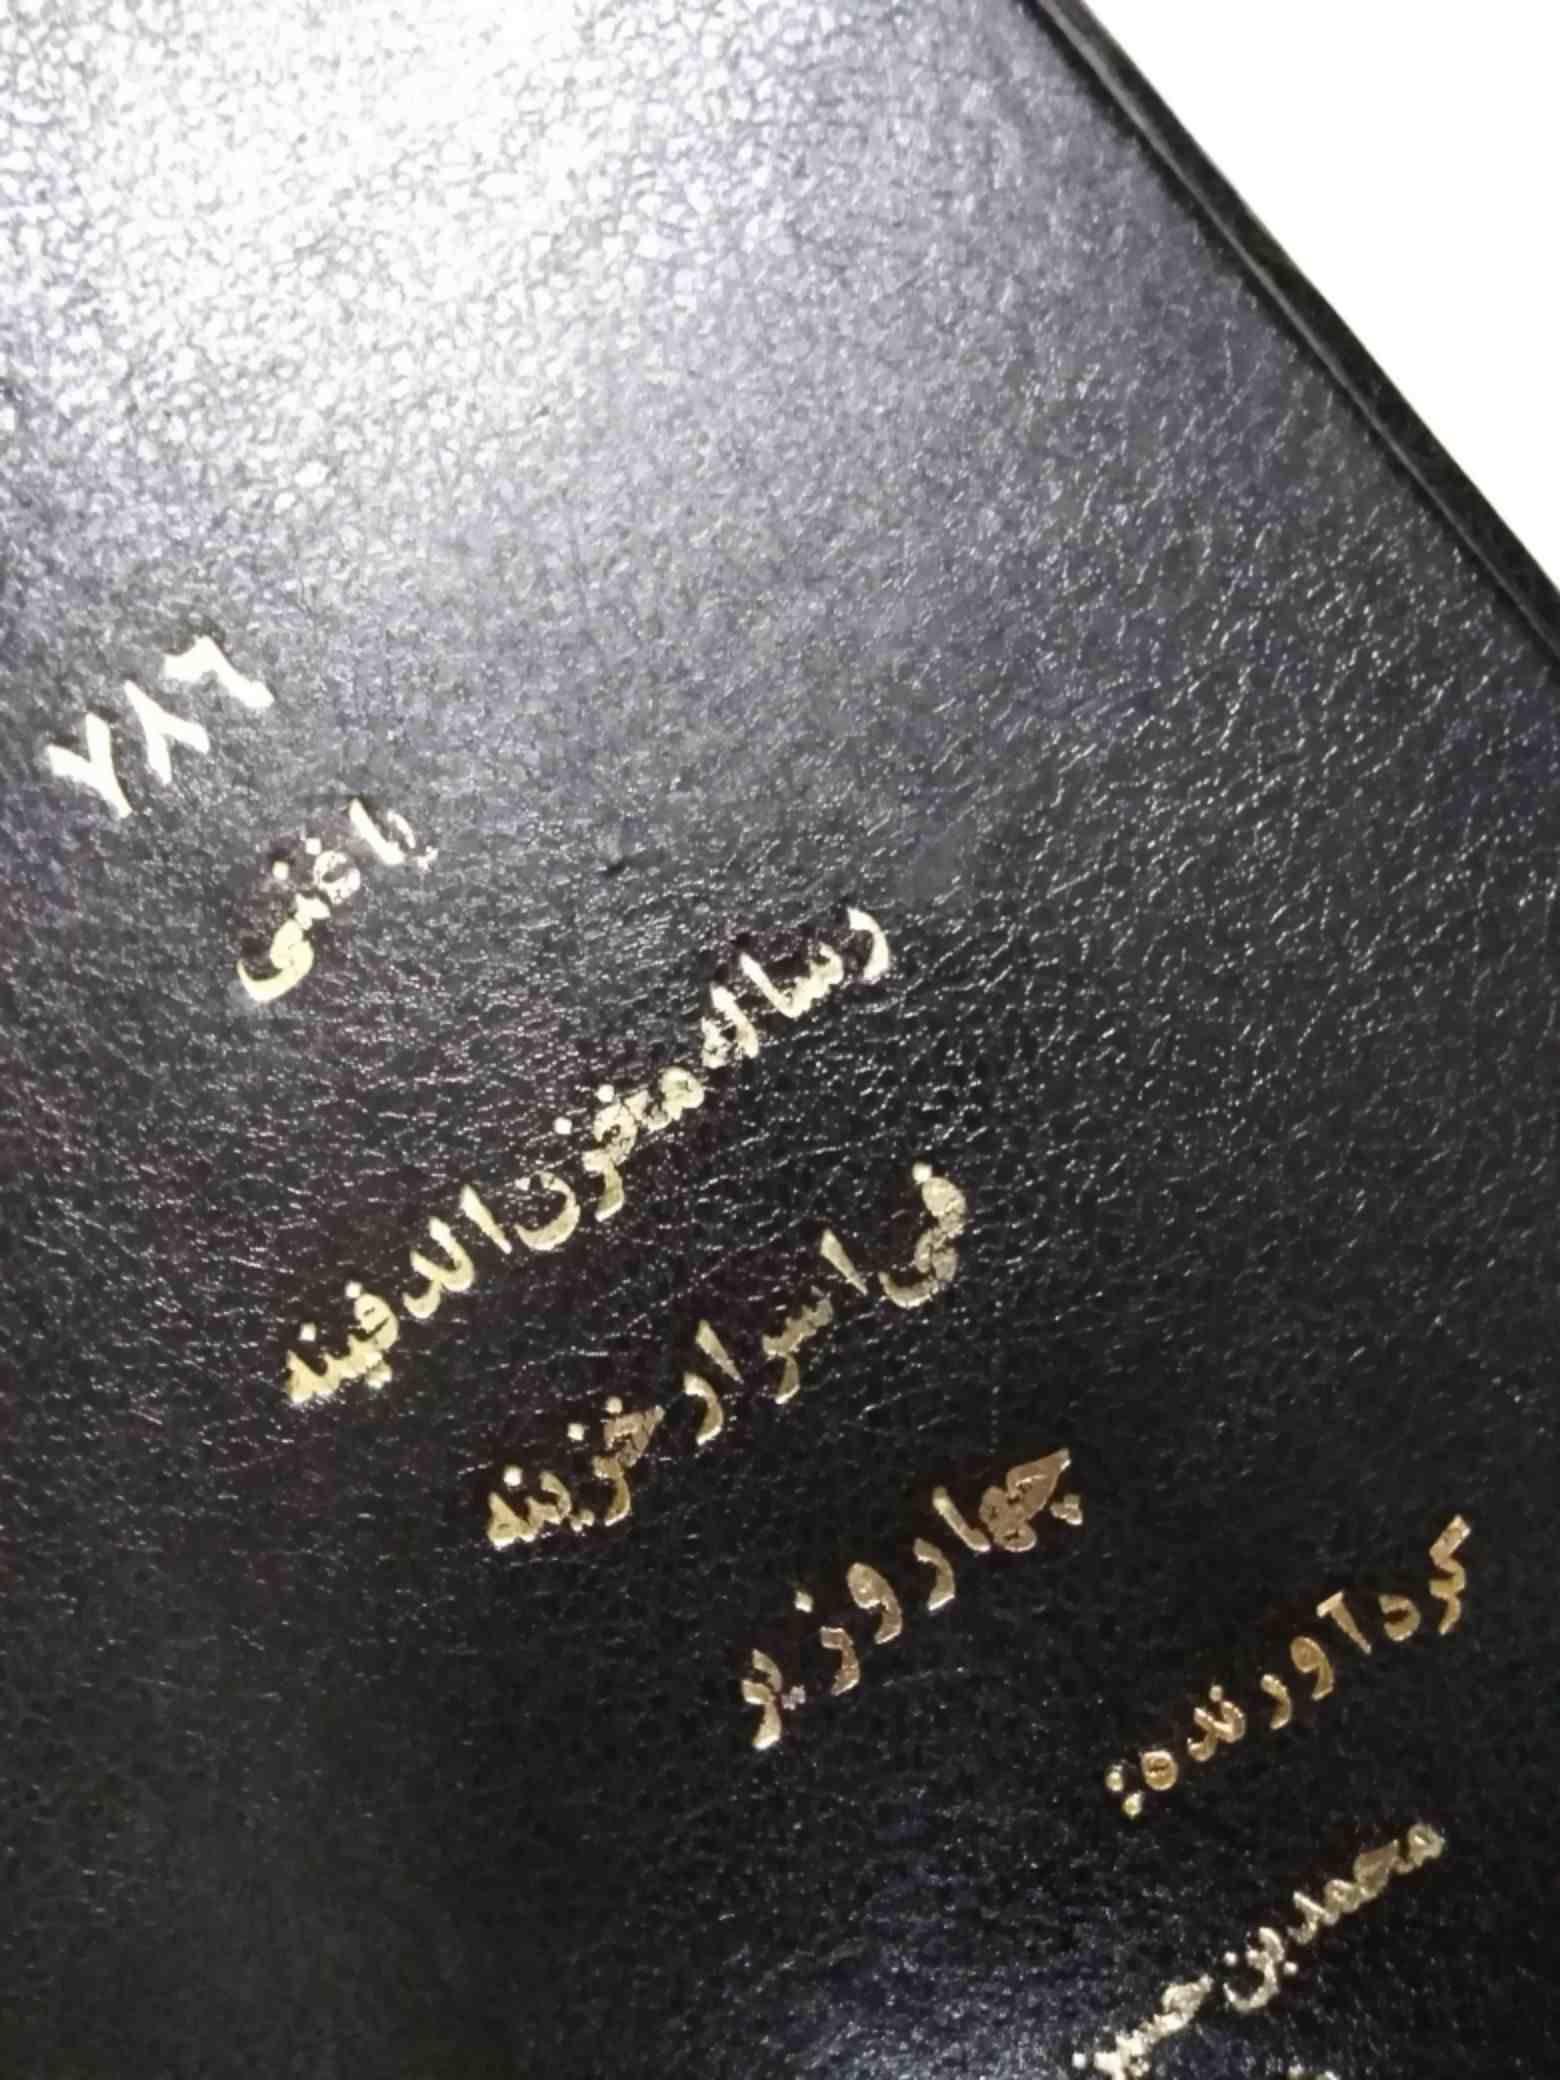 کتاب گنج رساله مخزن و الدفینه فی اسرار خزانه چهار وزیر